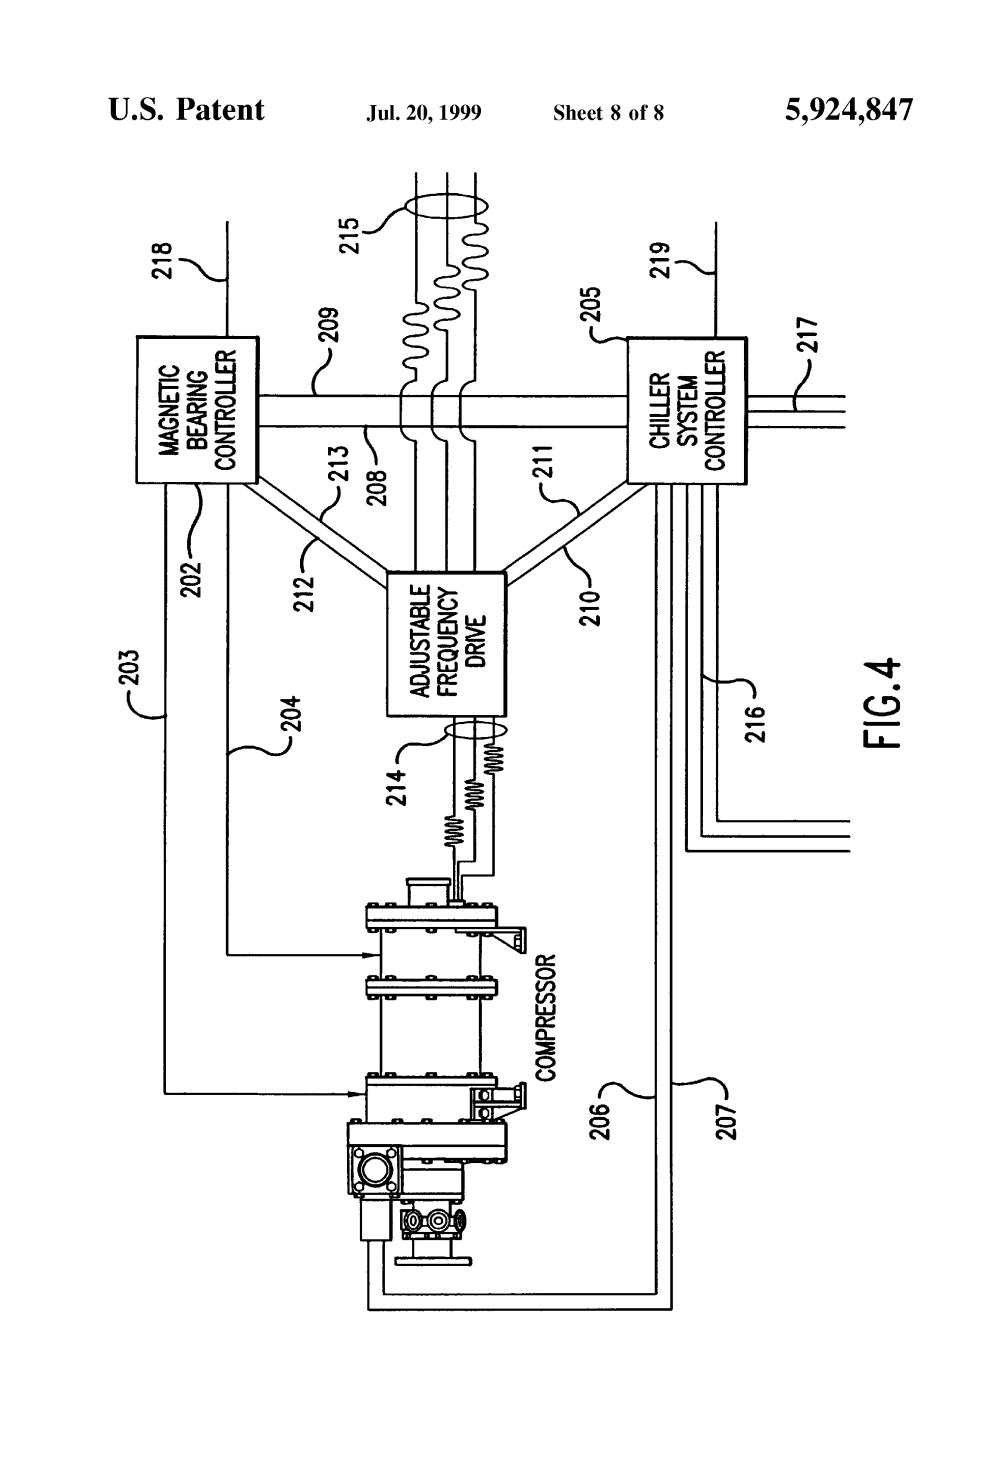 medium resolution of us5924847 8 miller rfcs 14 wiring diagram switched outlet wiring diagram miller rfcs 14 wiring